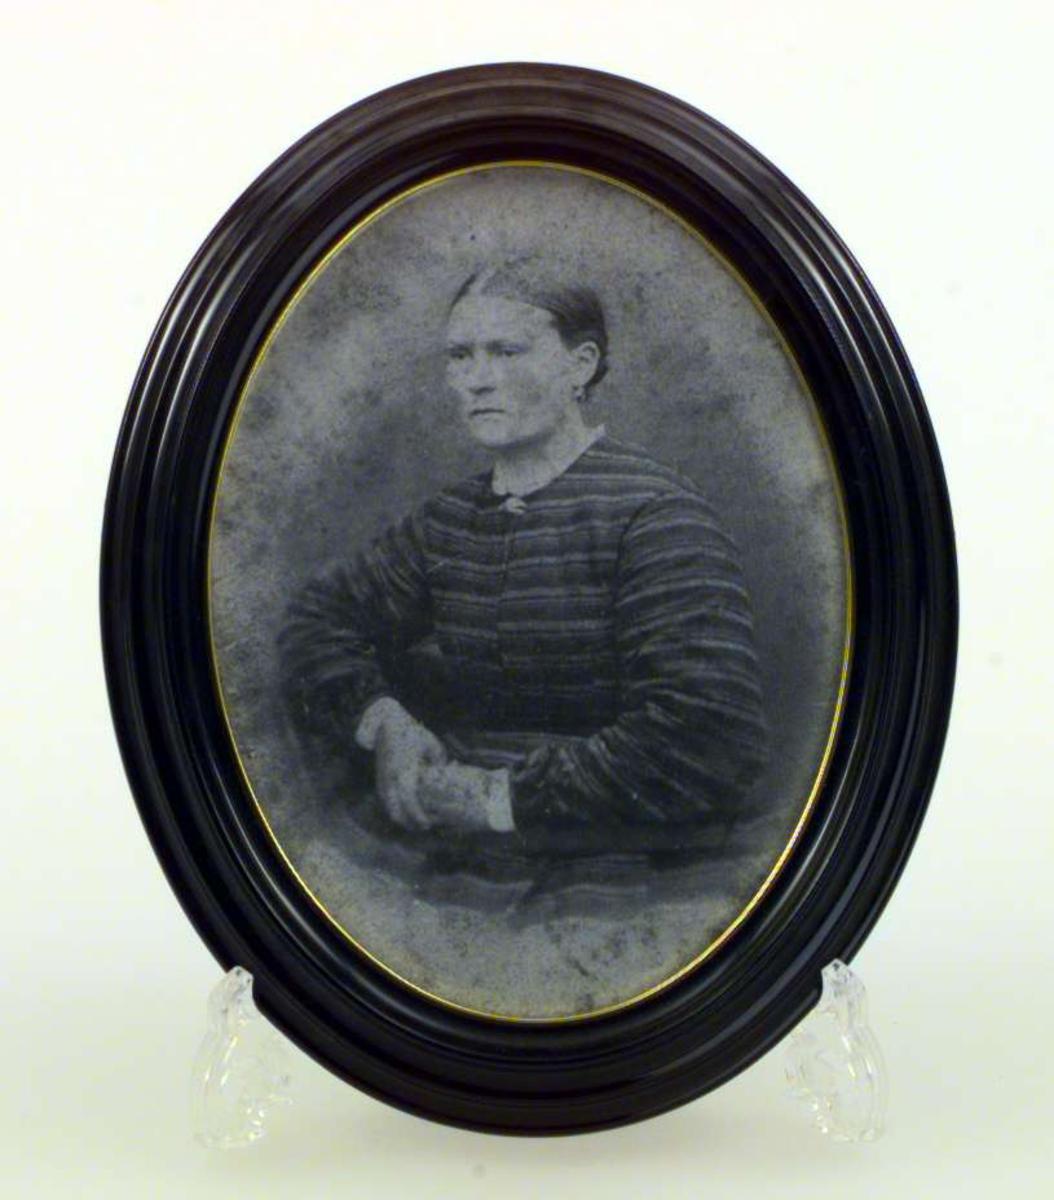 Utklippsbilde i oval sort ramme. Rammen har en forgyllet kant inn mot bildet.